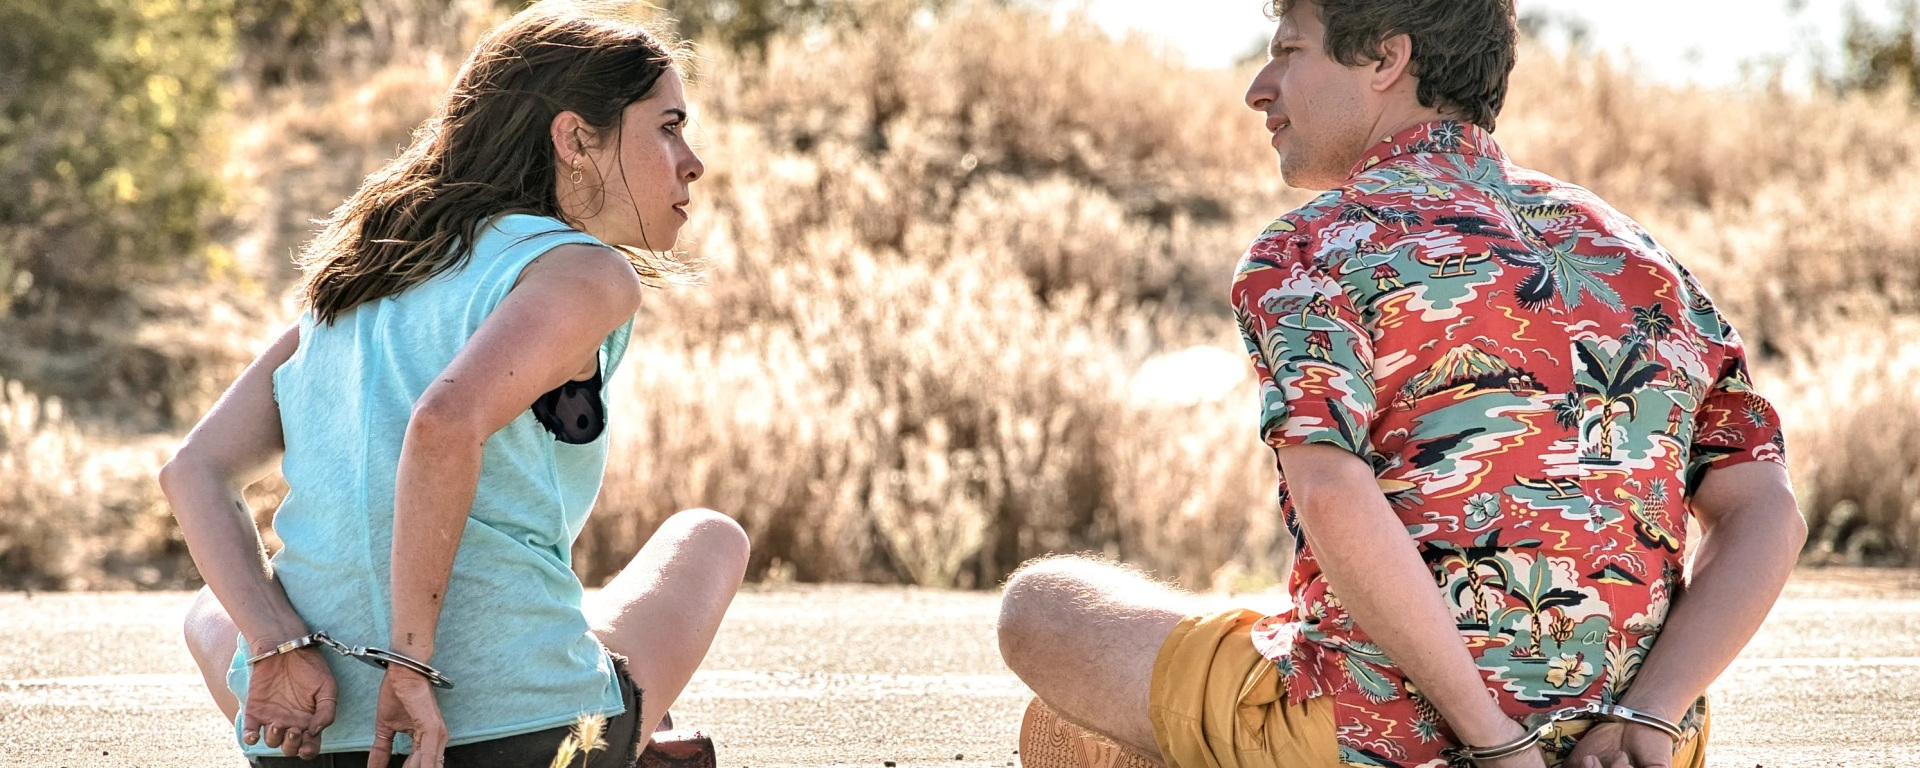 Palm Springs - CineFatti